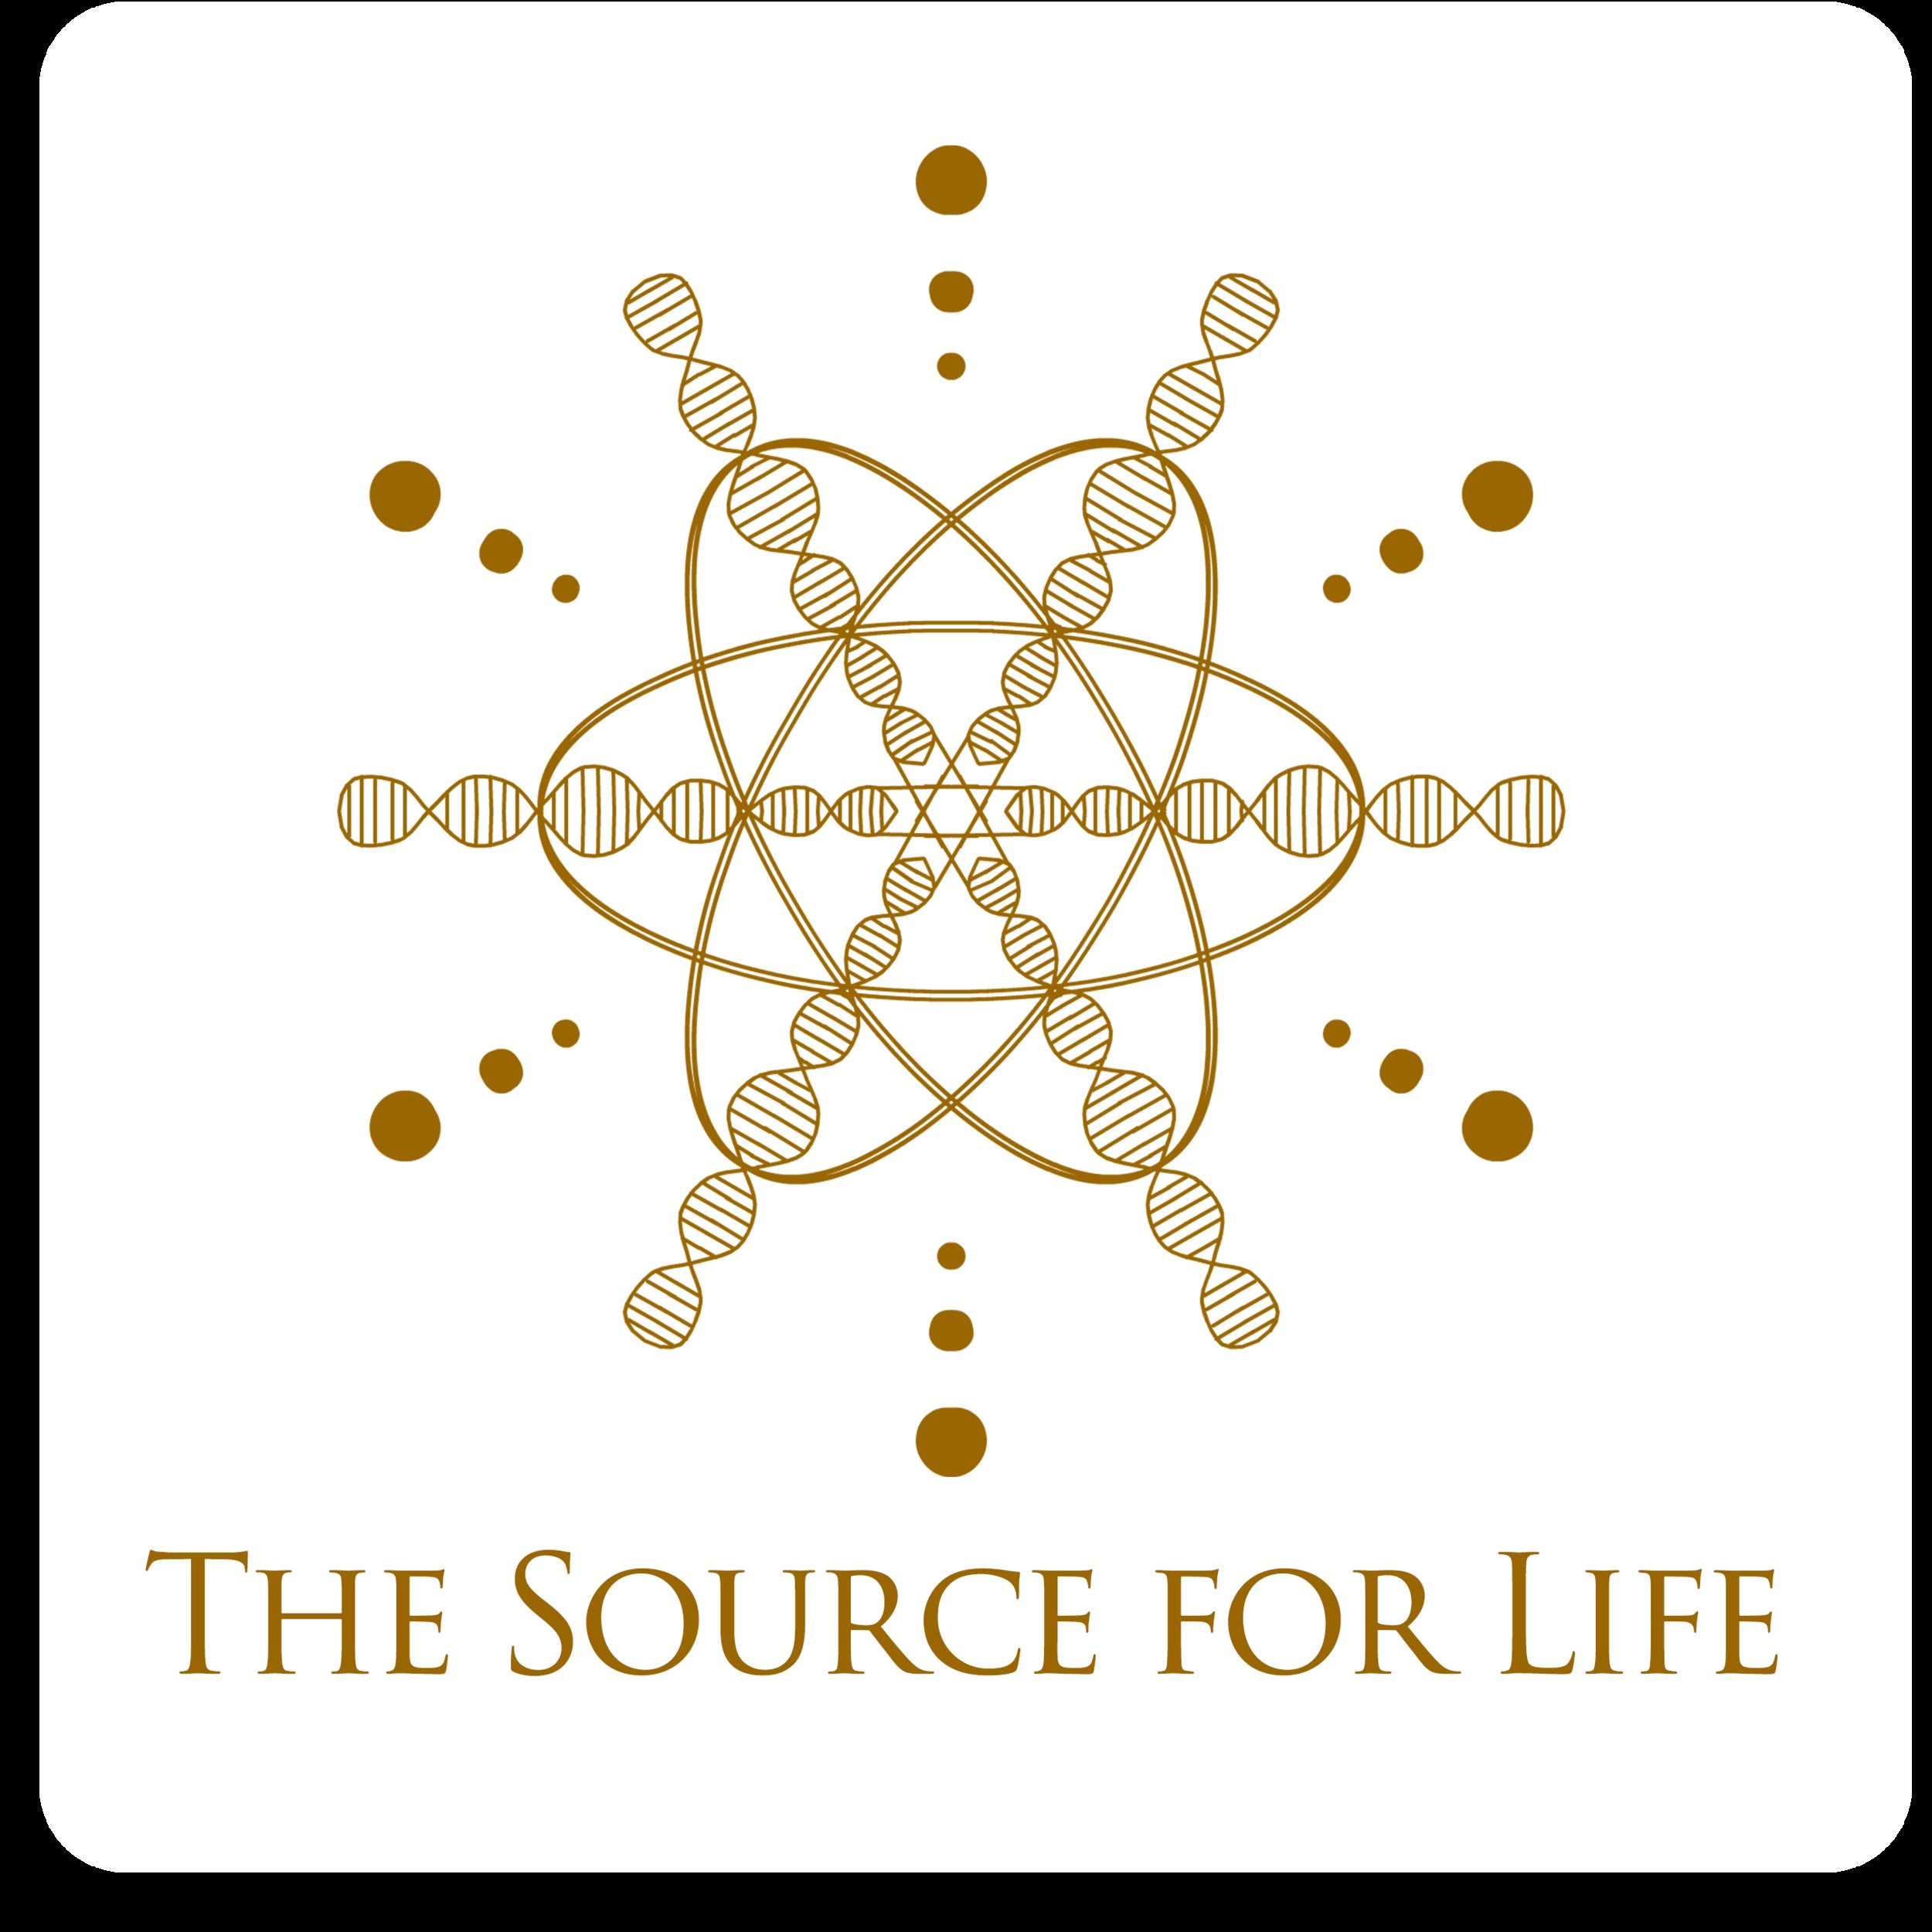 sourceforlife_edges.png